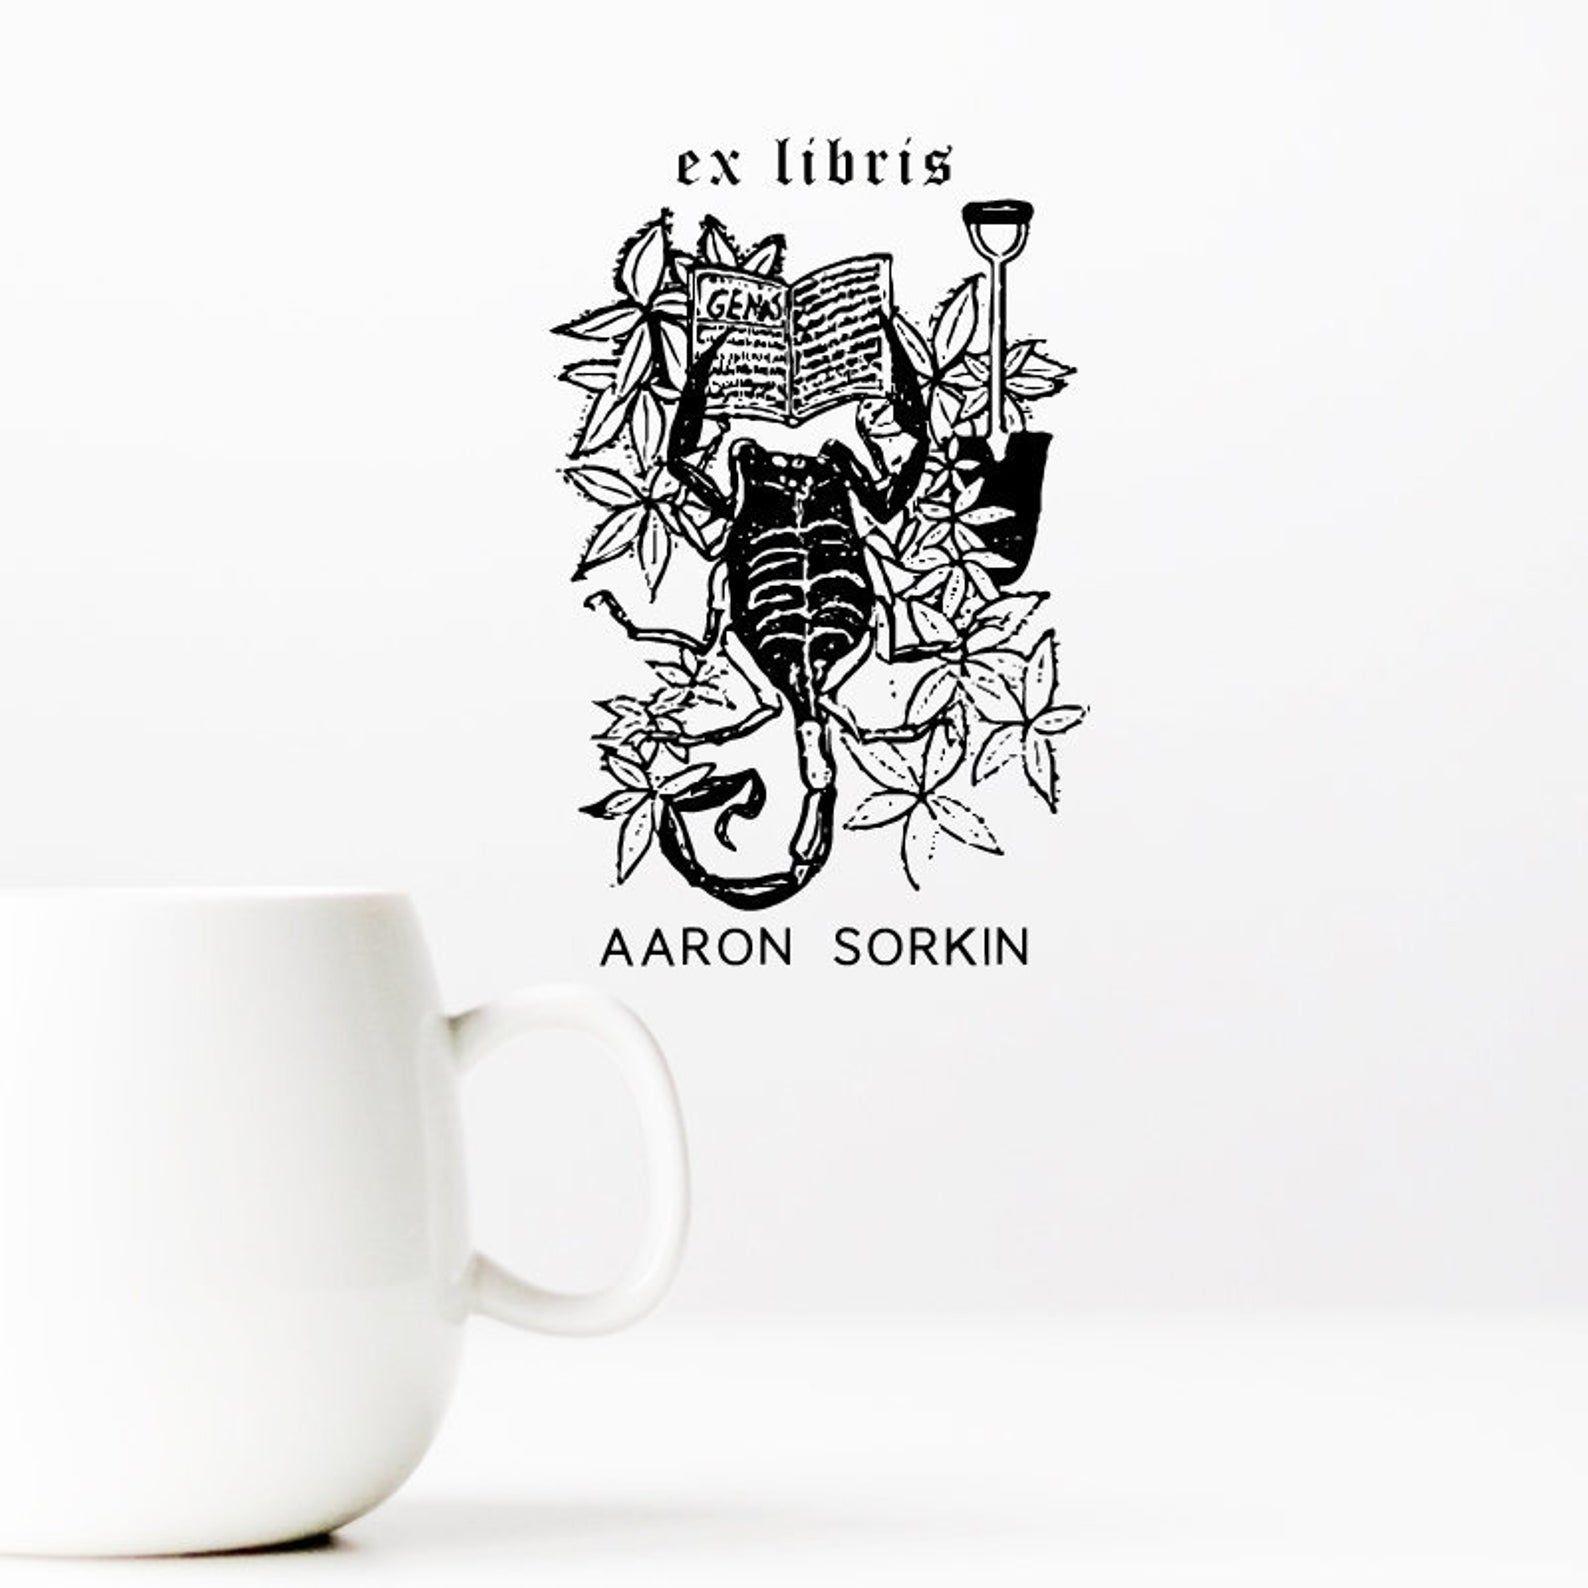 scorpion ex libris stamp